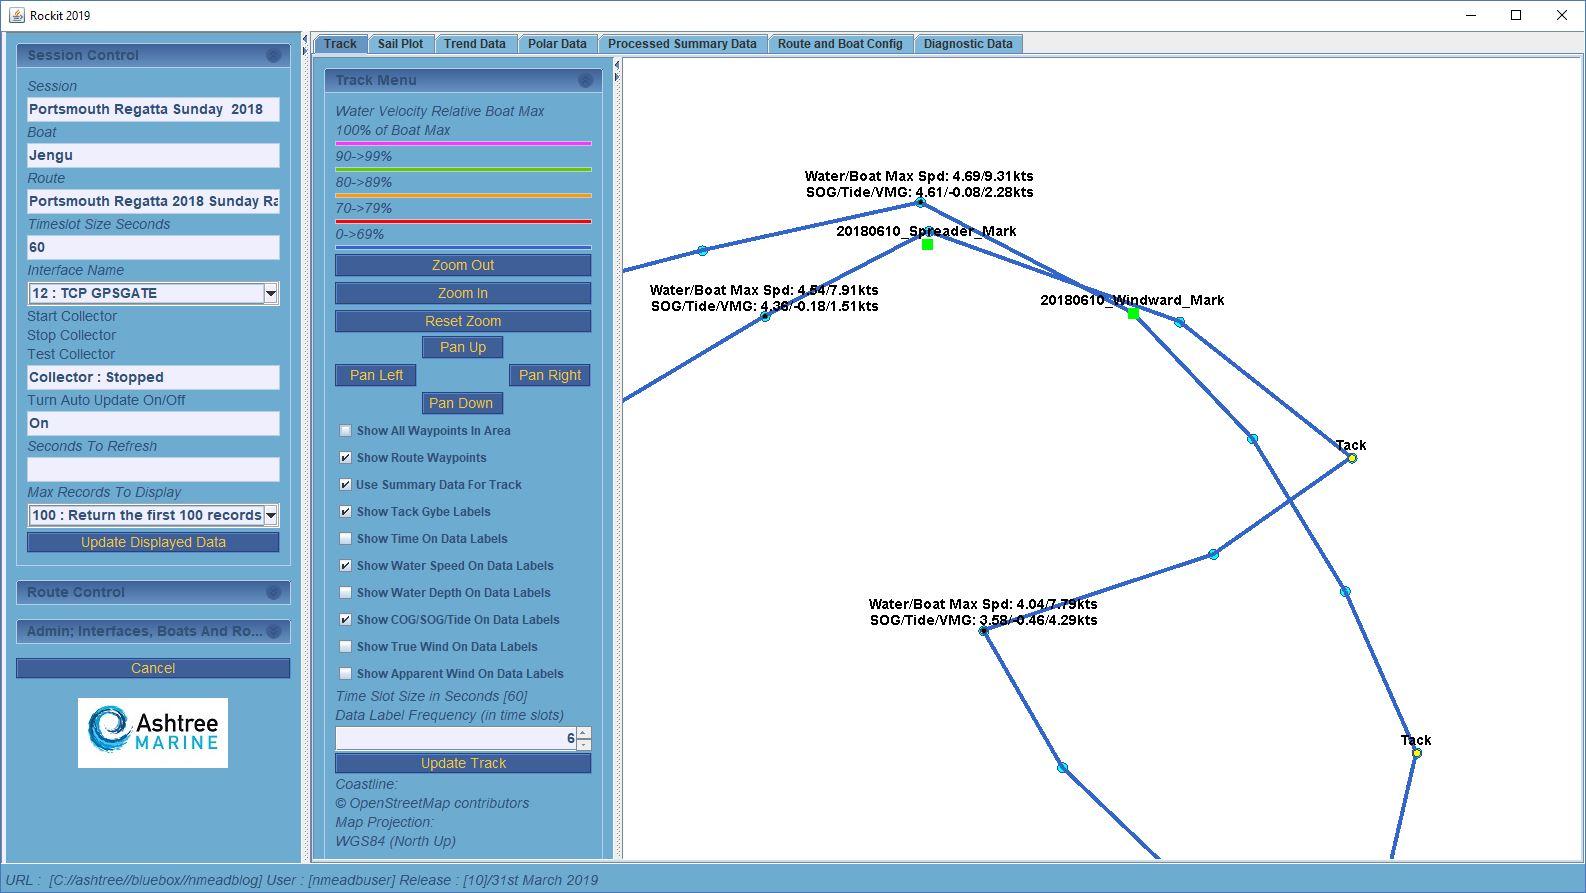 TrackPlot.jpg